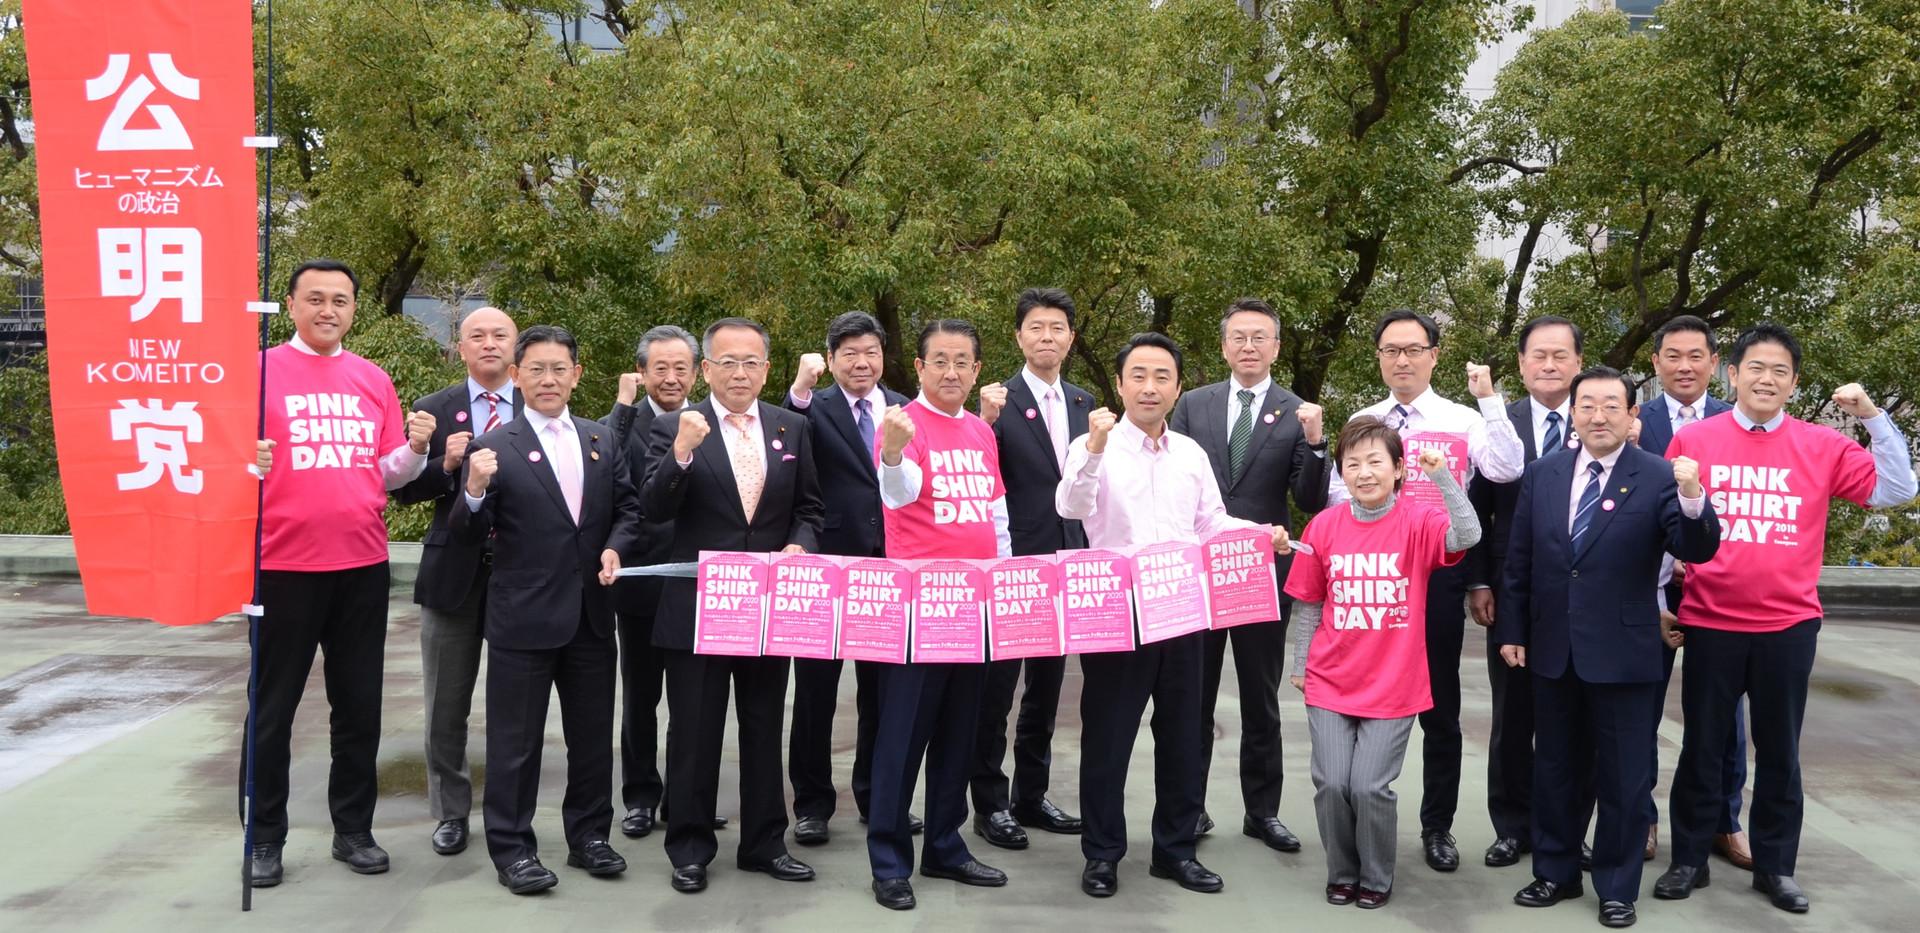 「ピンクシャツデー」に参加(2020年2月)